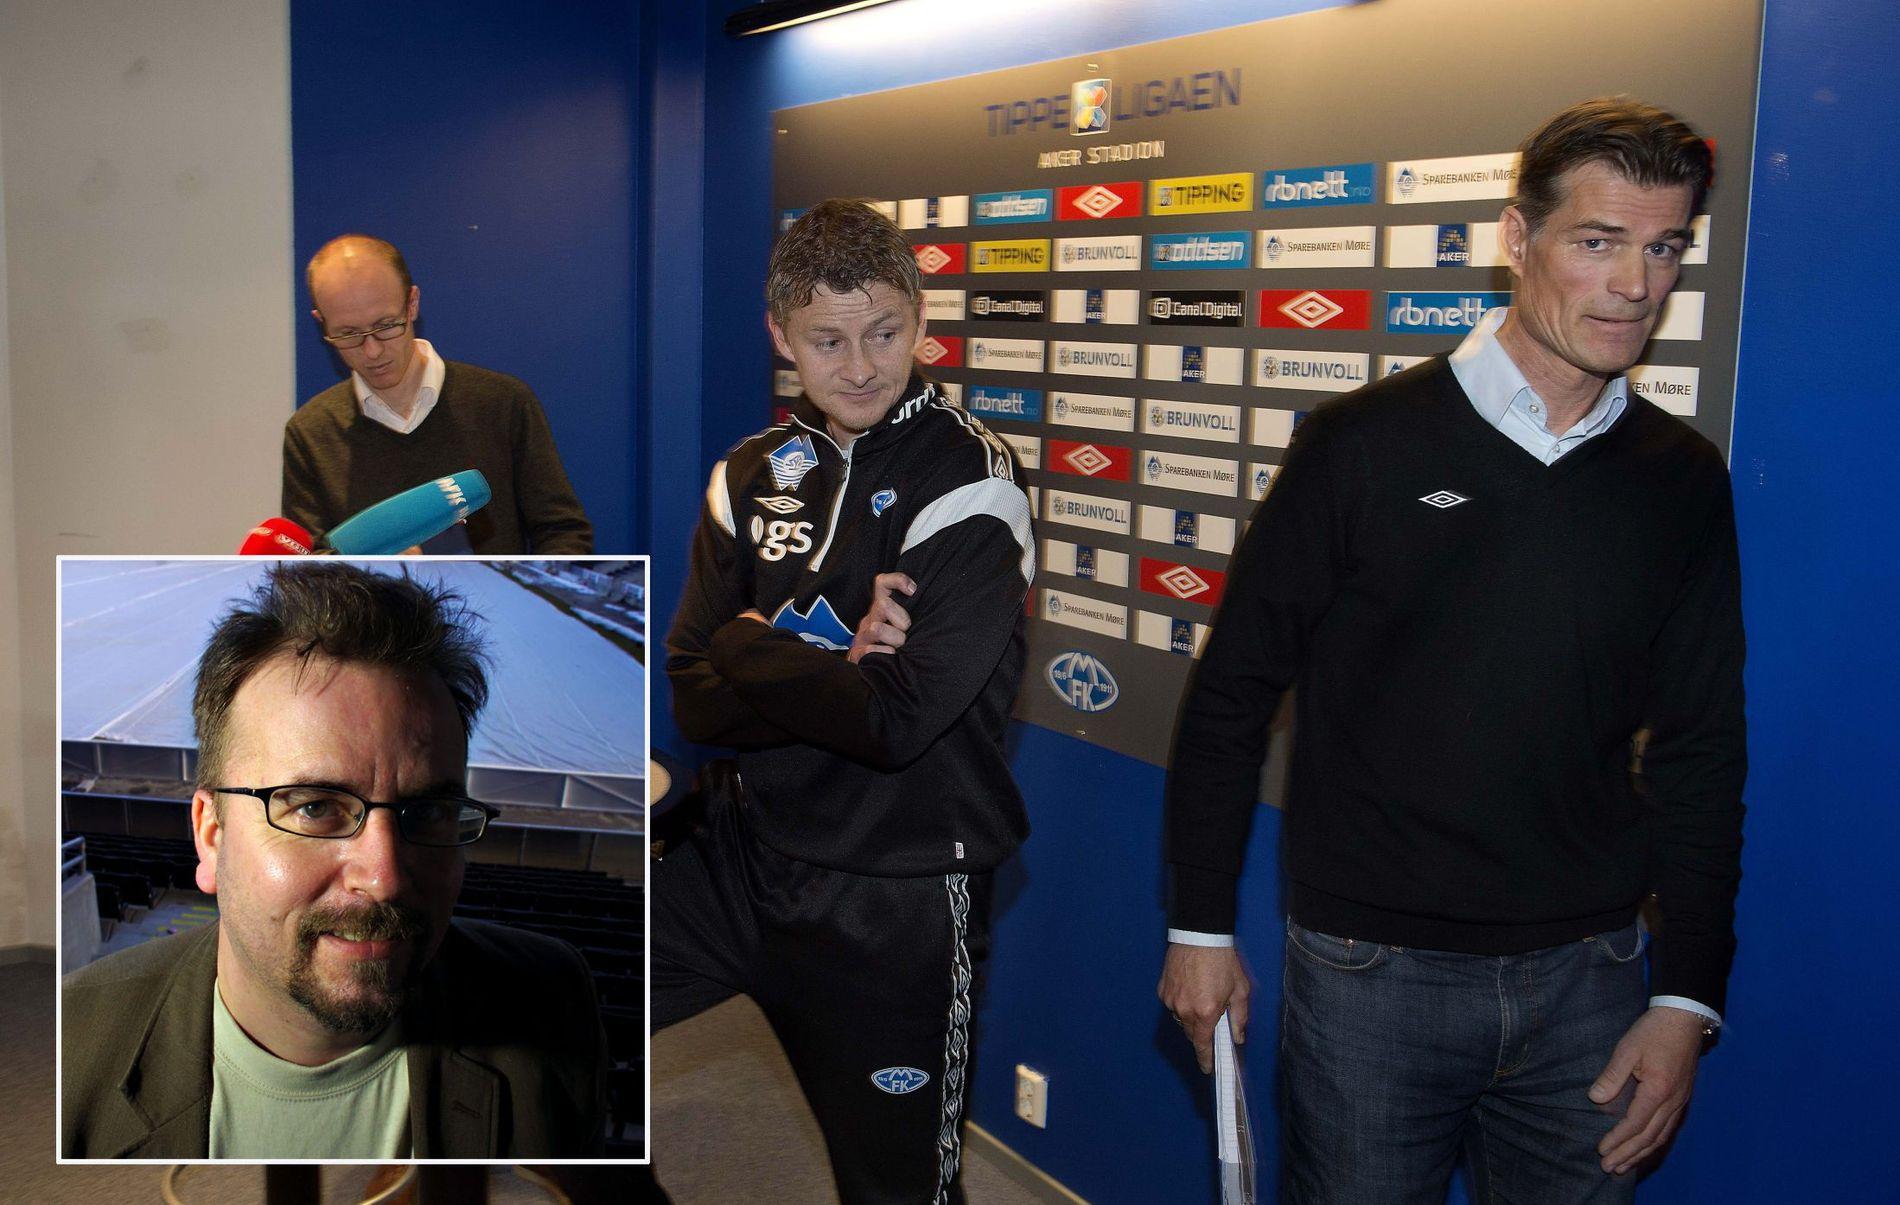 Fotballsosiolog: - Molde frykter Svarte-Per hos Røkke – E24